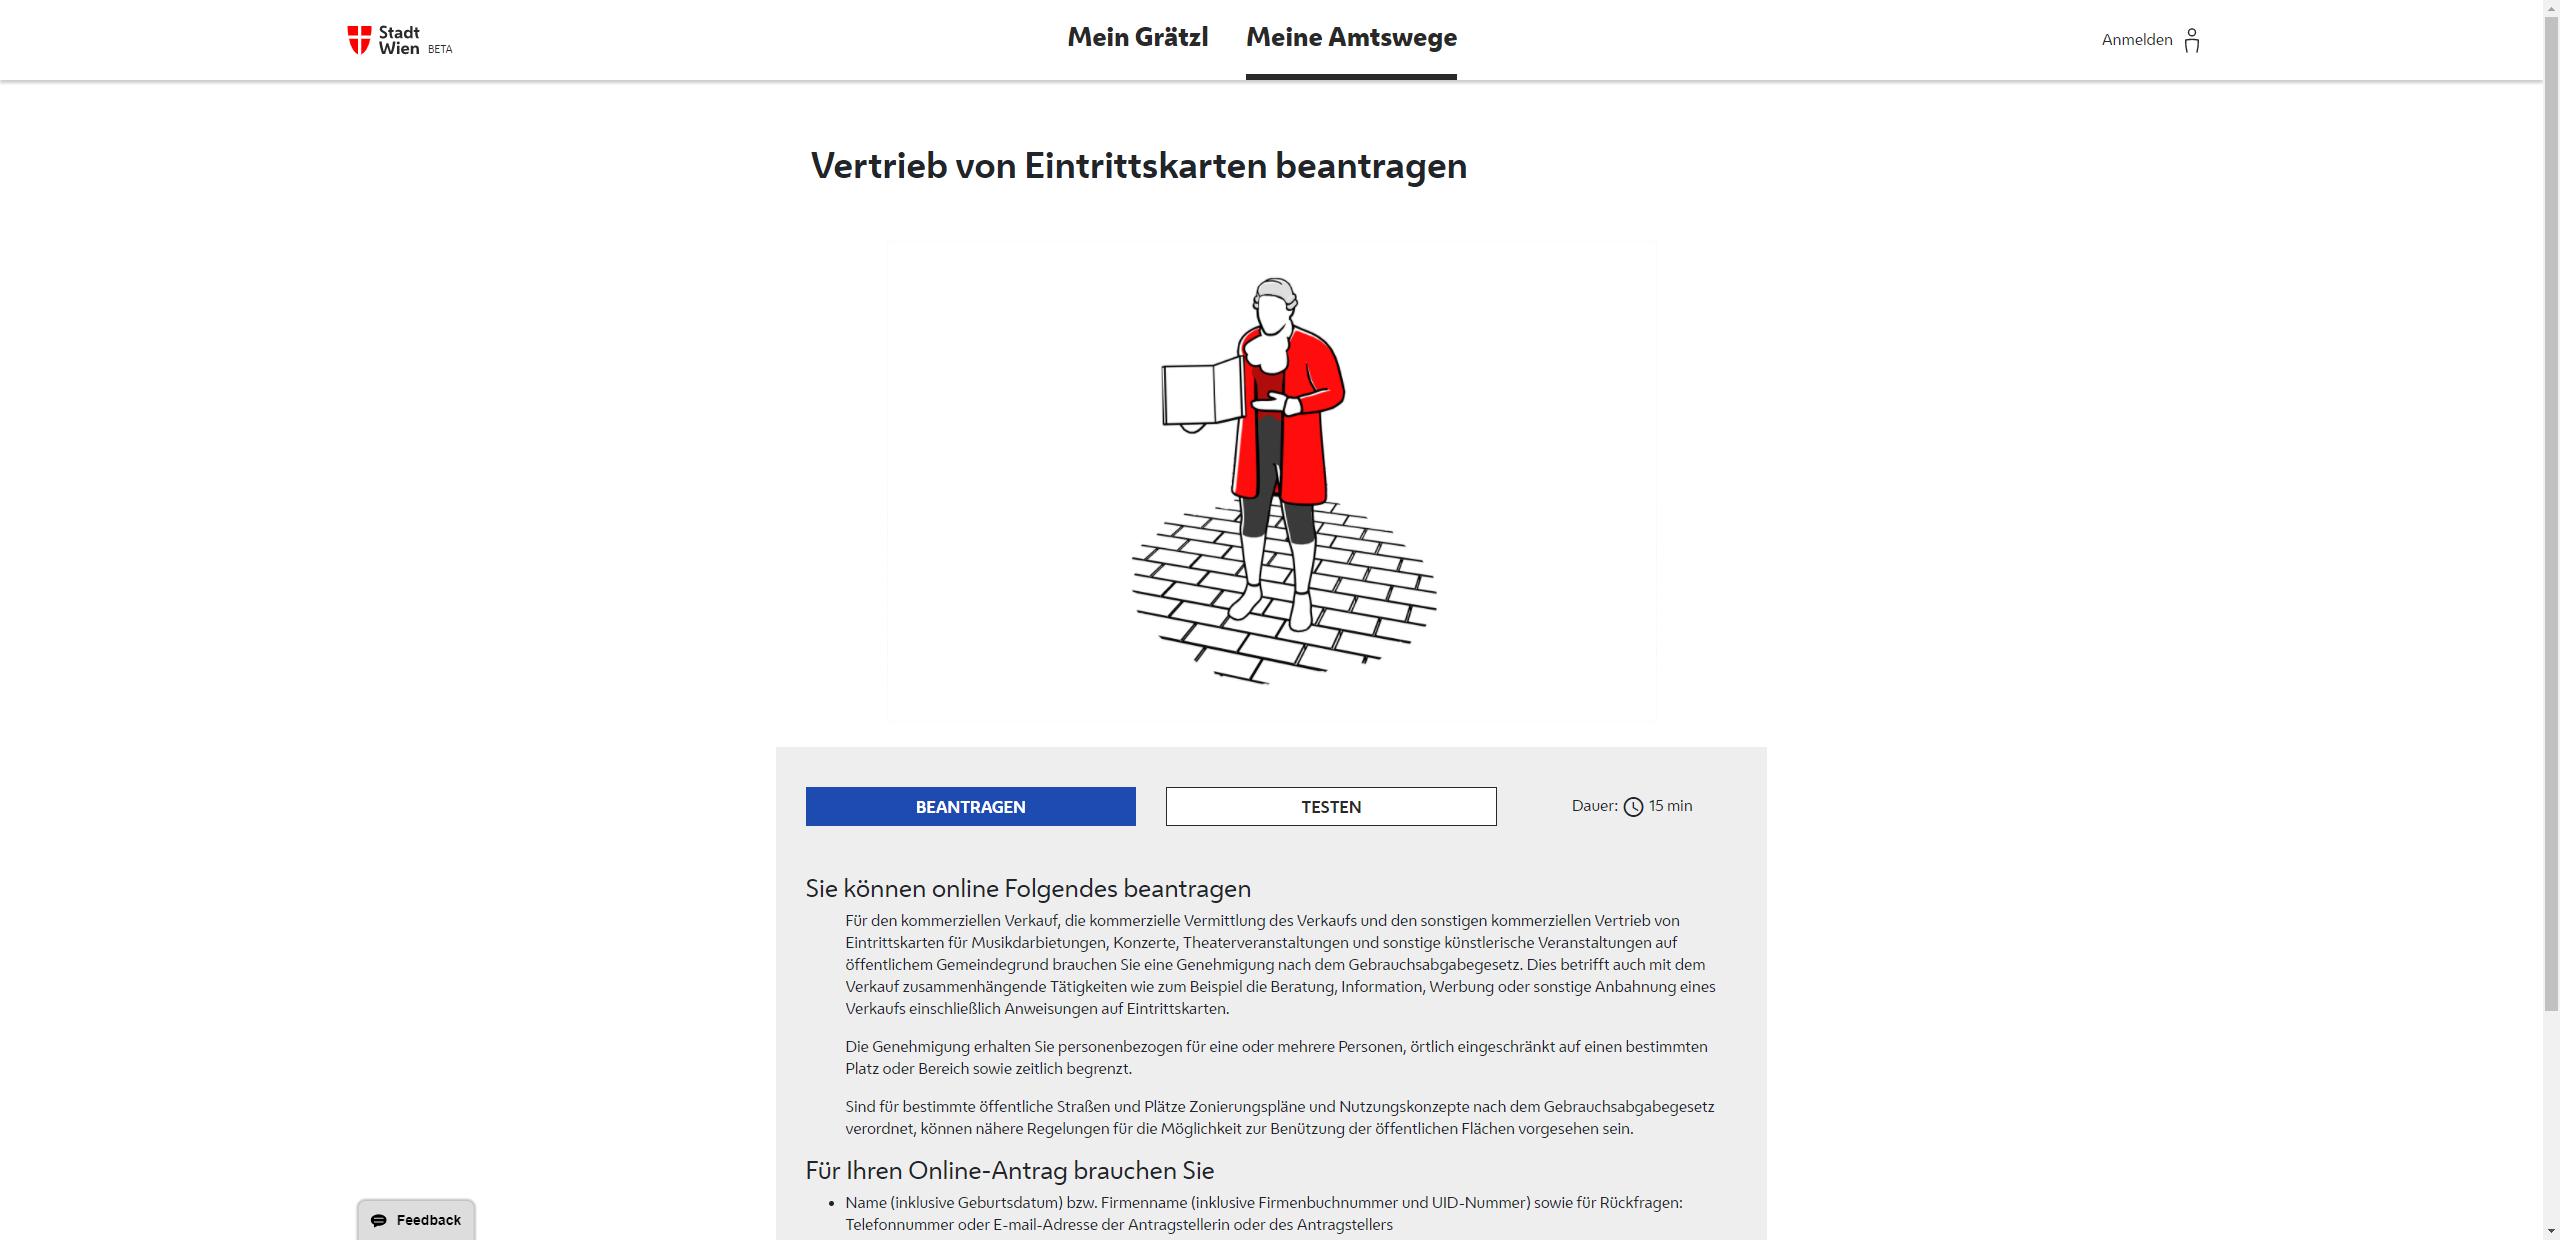 Screenshot Antrag für Vertrieb von Eintrittskarten - Mozartkartenverkäufer über Mein-Wie